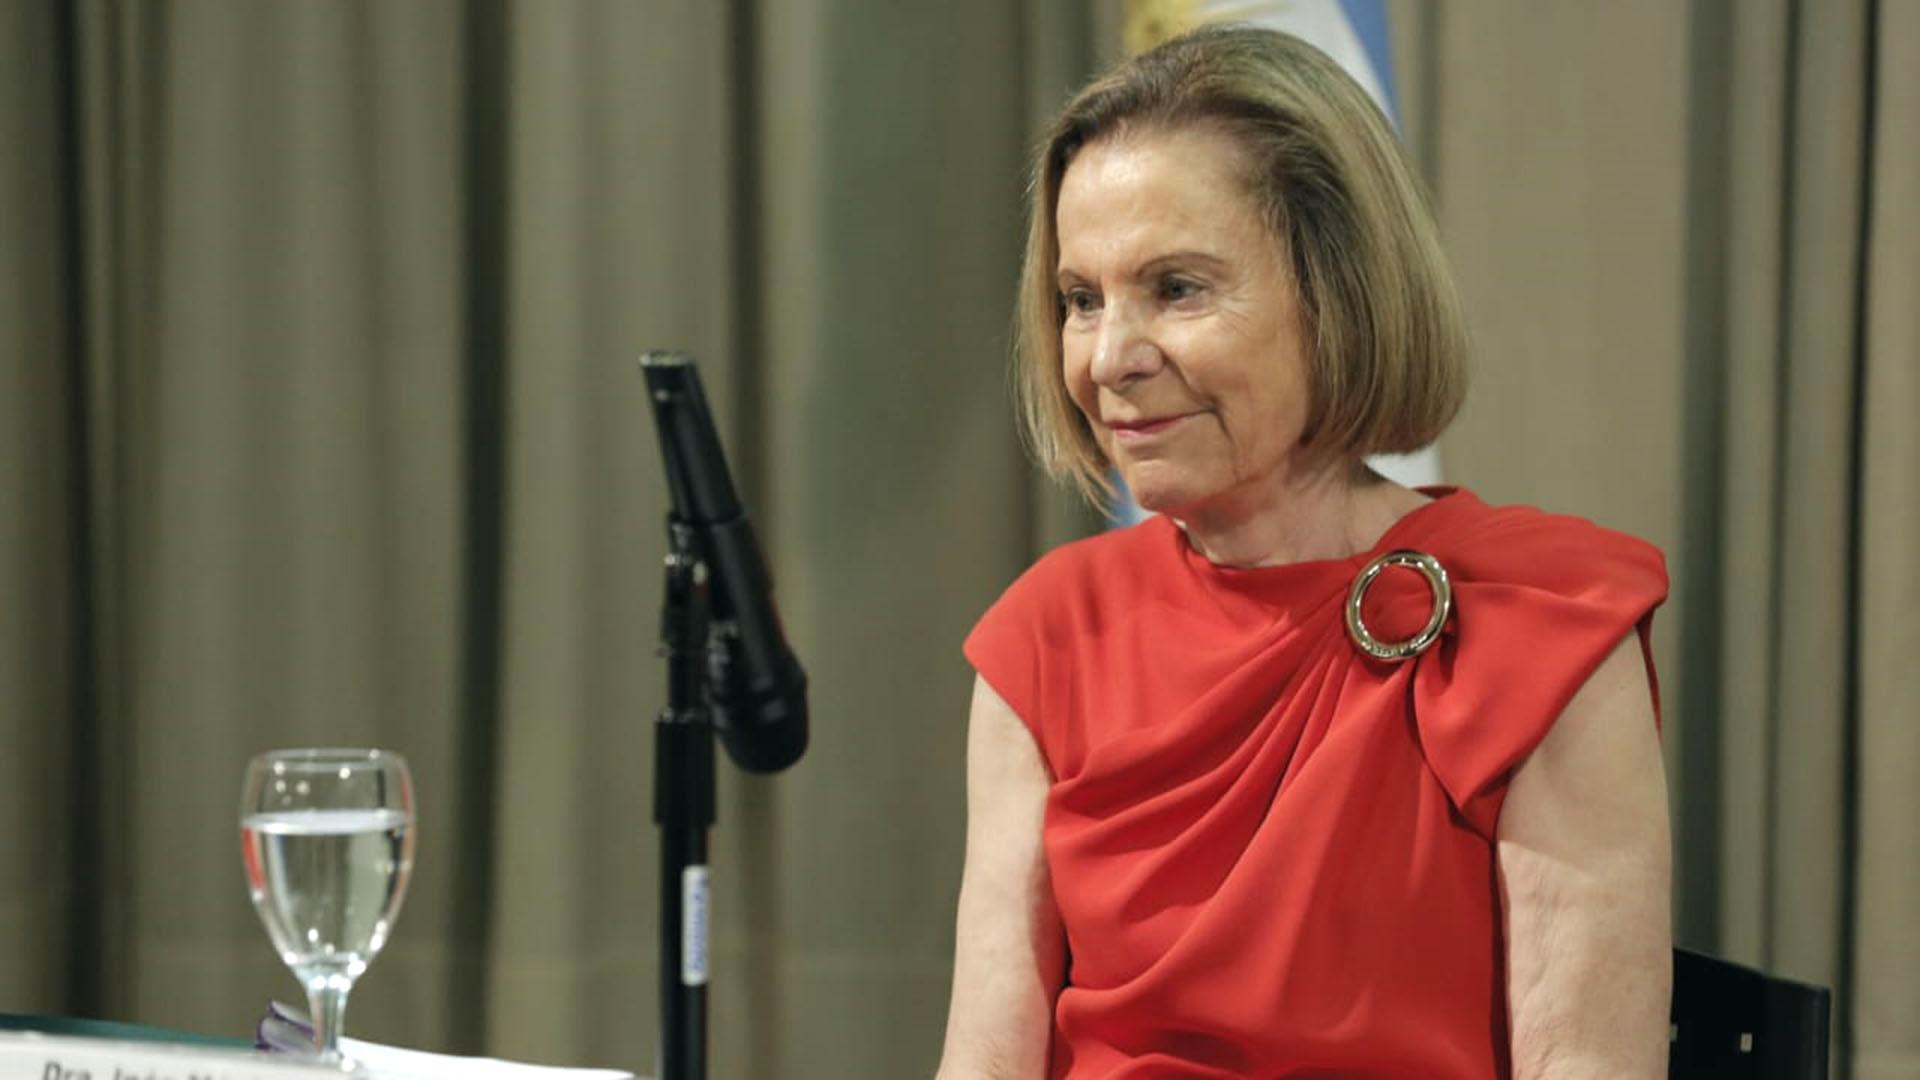 """La doctora Weinberg ,encionó que a lo largo de su carrera fue testigo de """"muchas situaciones de enorme inequidad para miles de mujeres"""""""